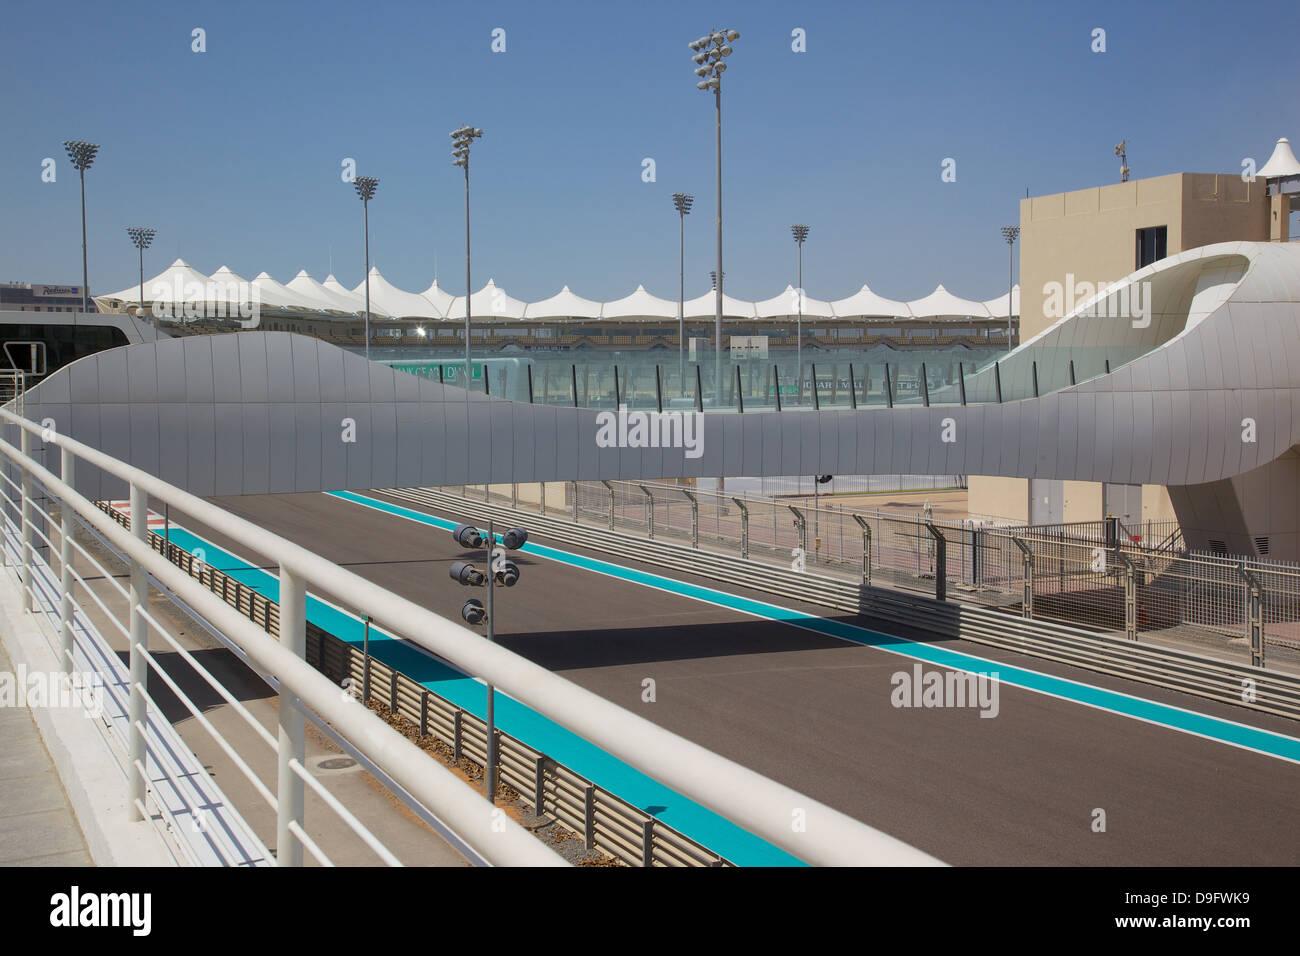 Formula 1 Racetrack, Yas Island, Abu Dhabi, United Arab Emirates, Middle East - Stock Image